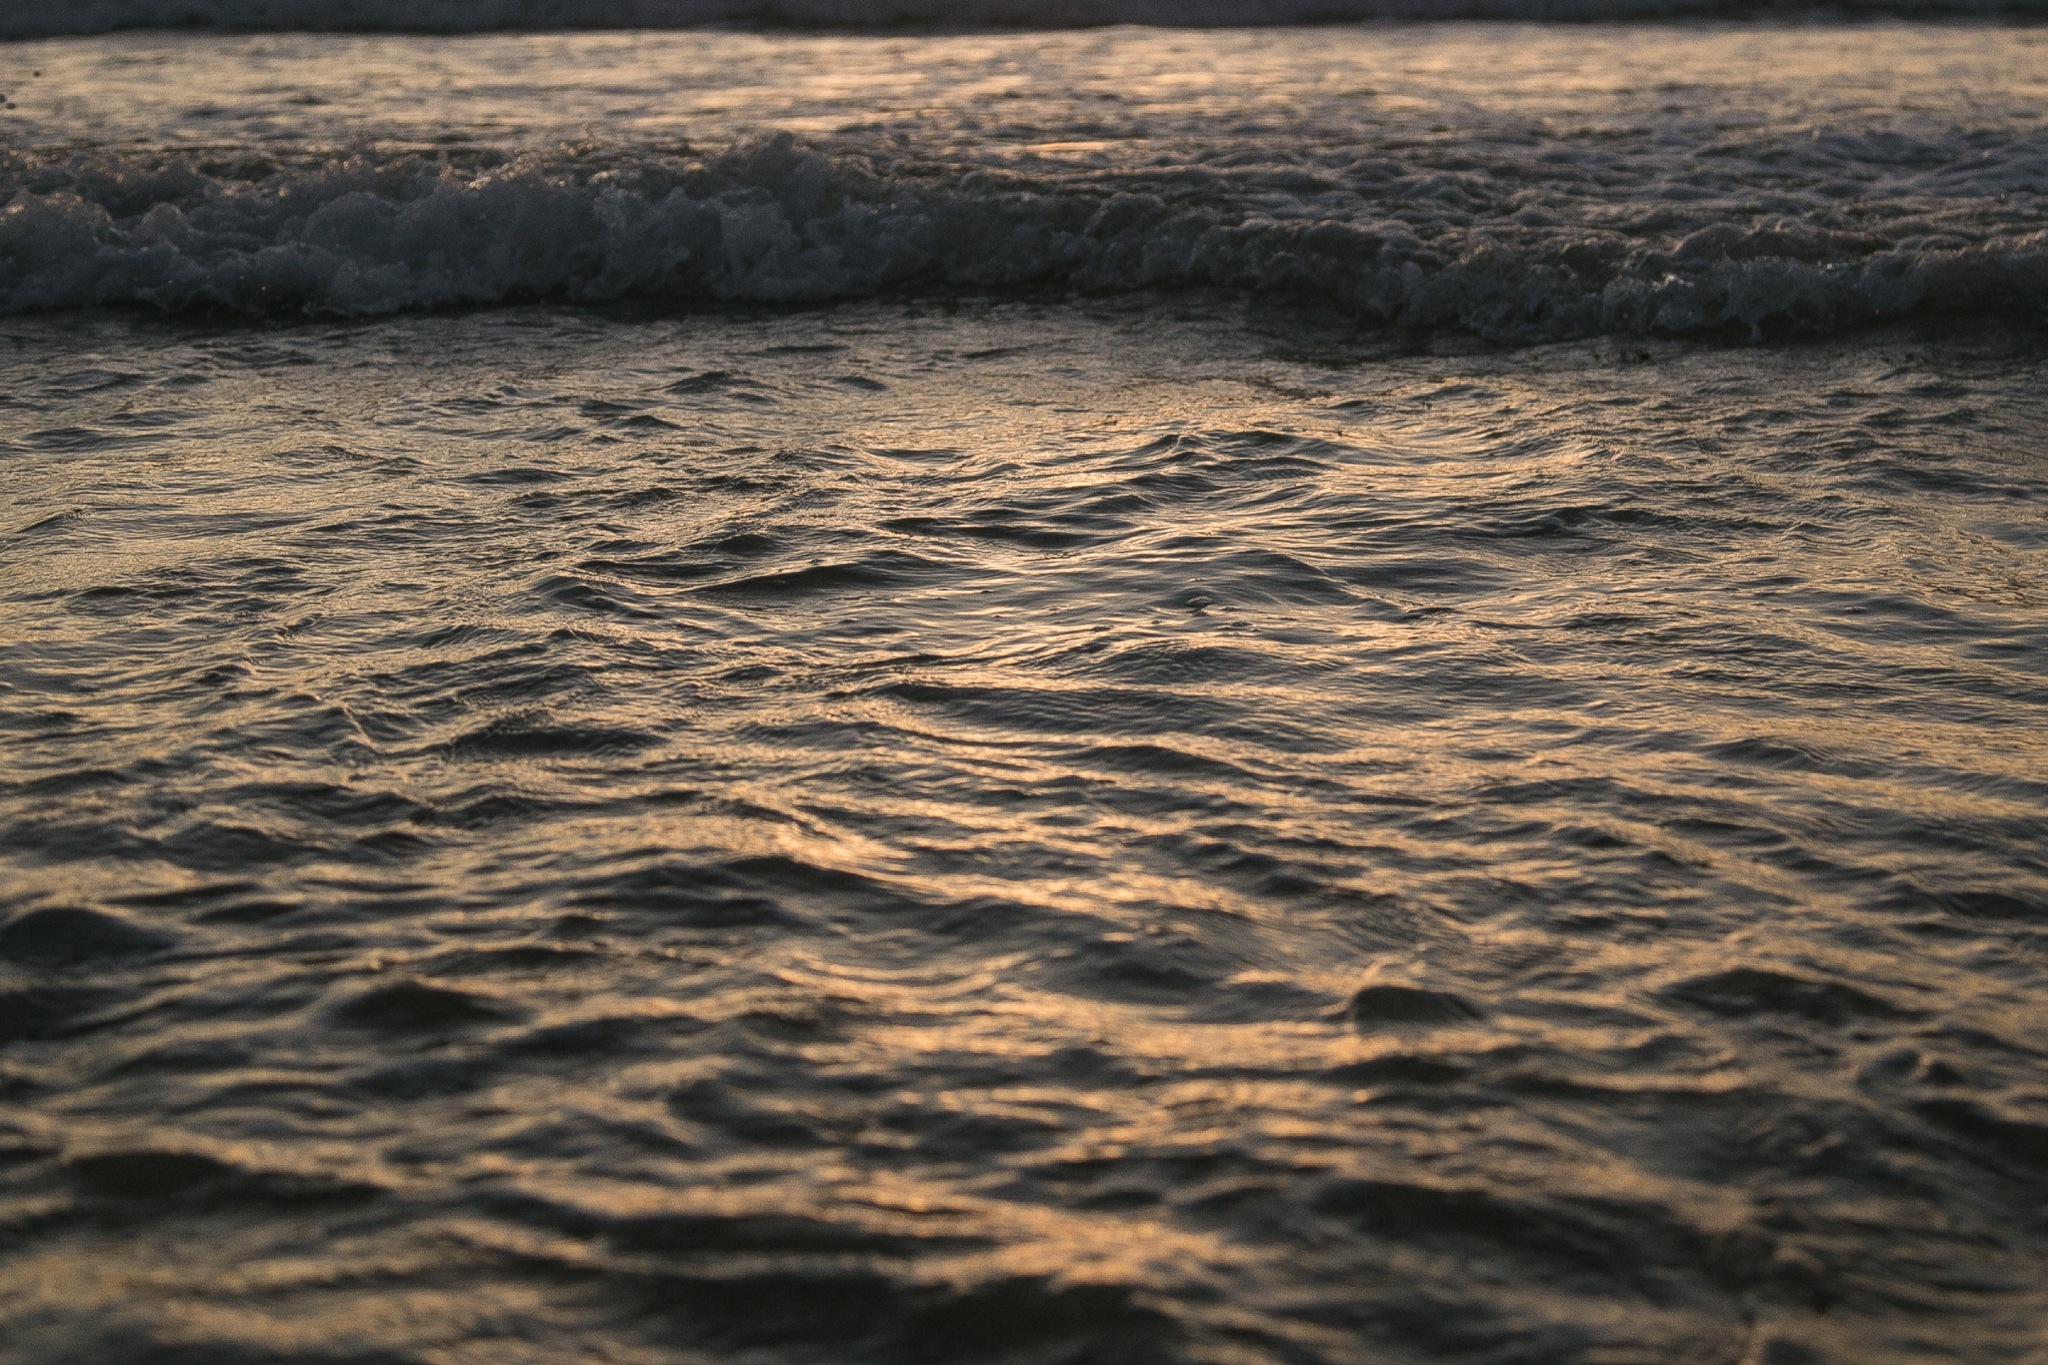 cable-beach2-13.jpg